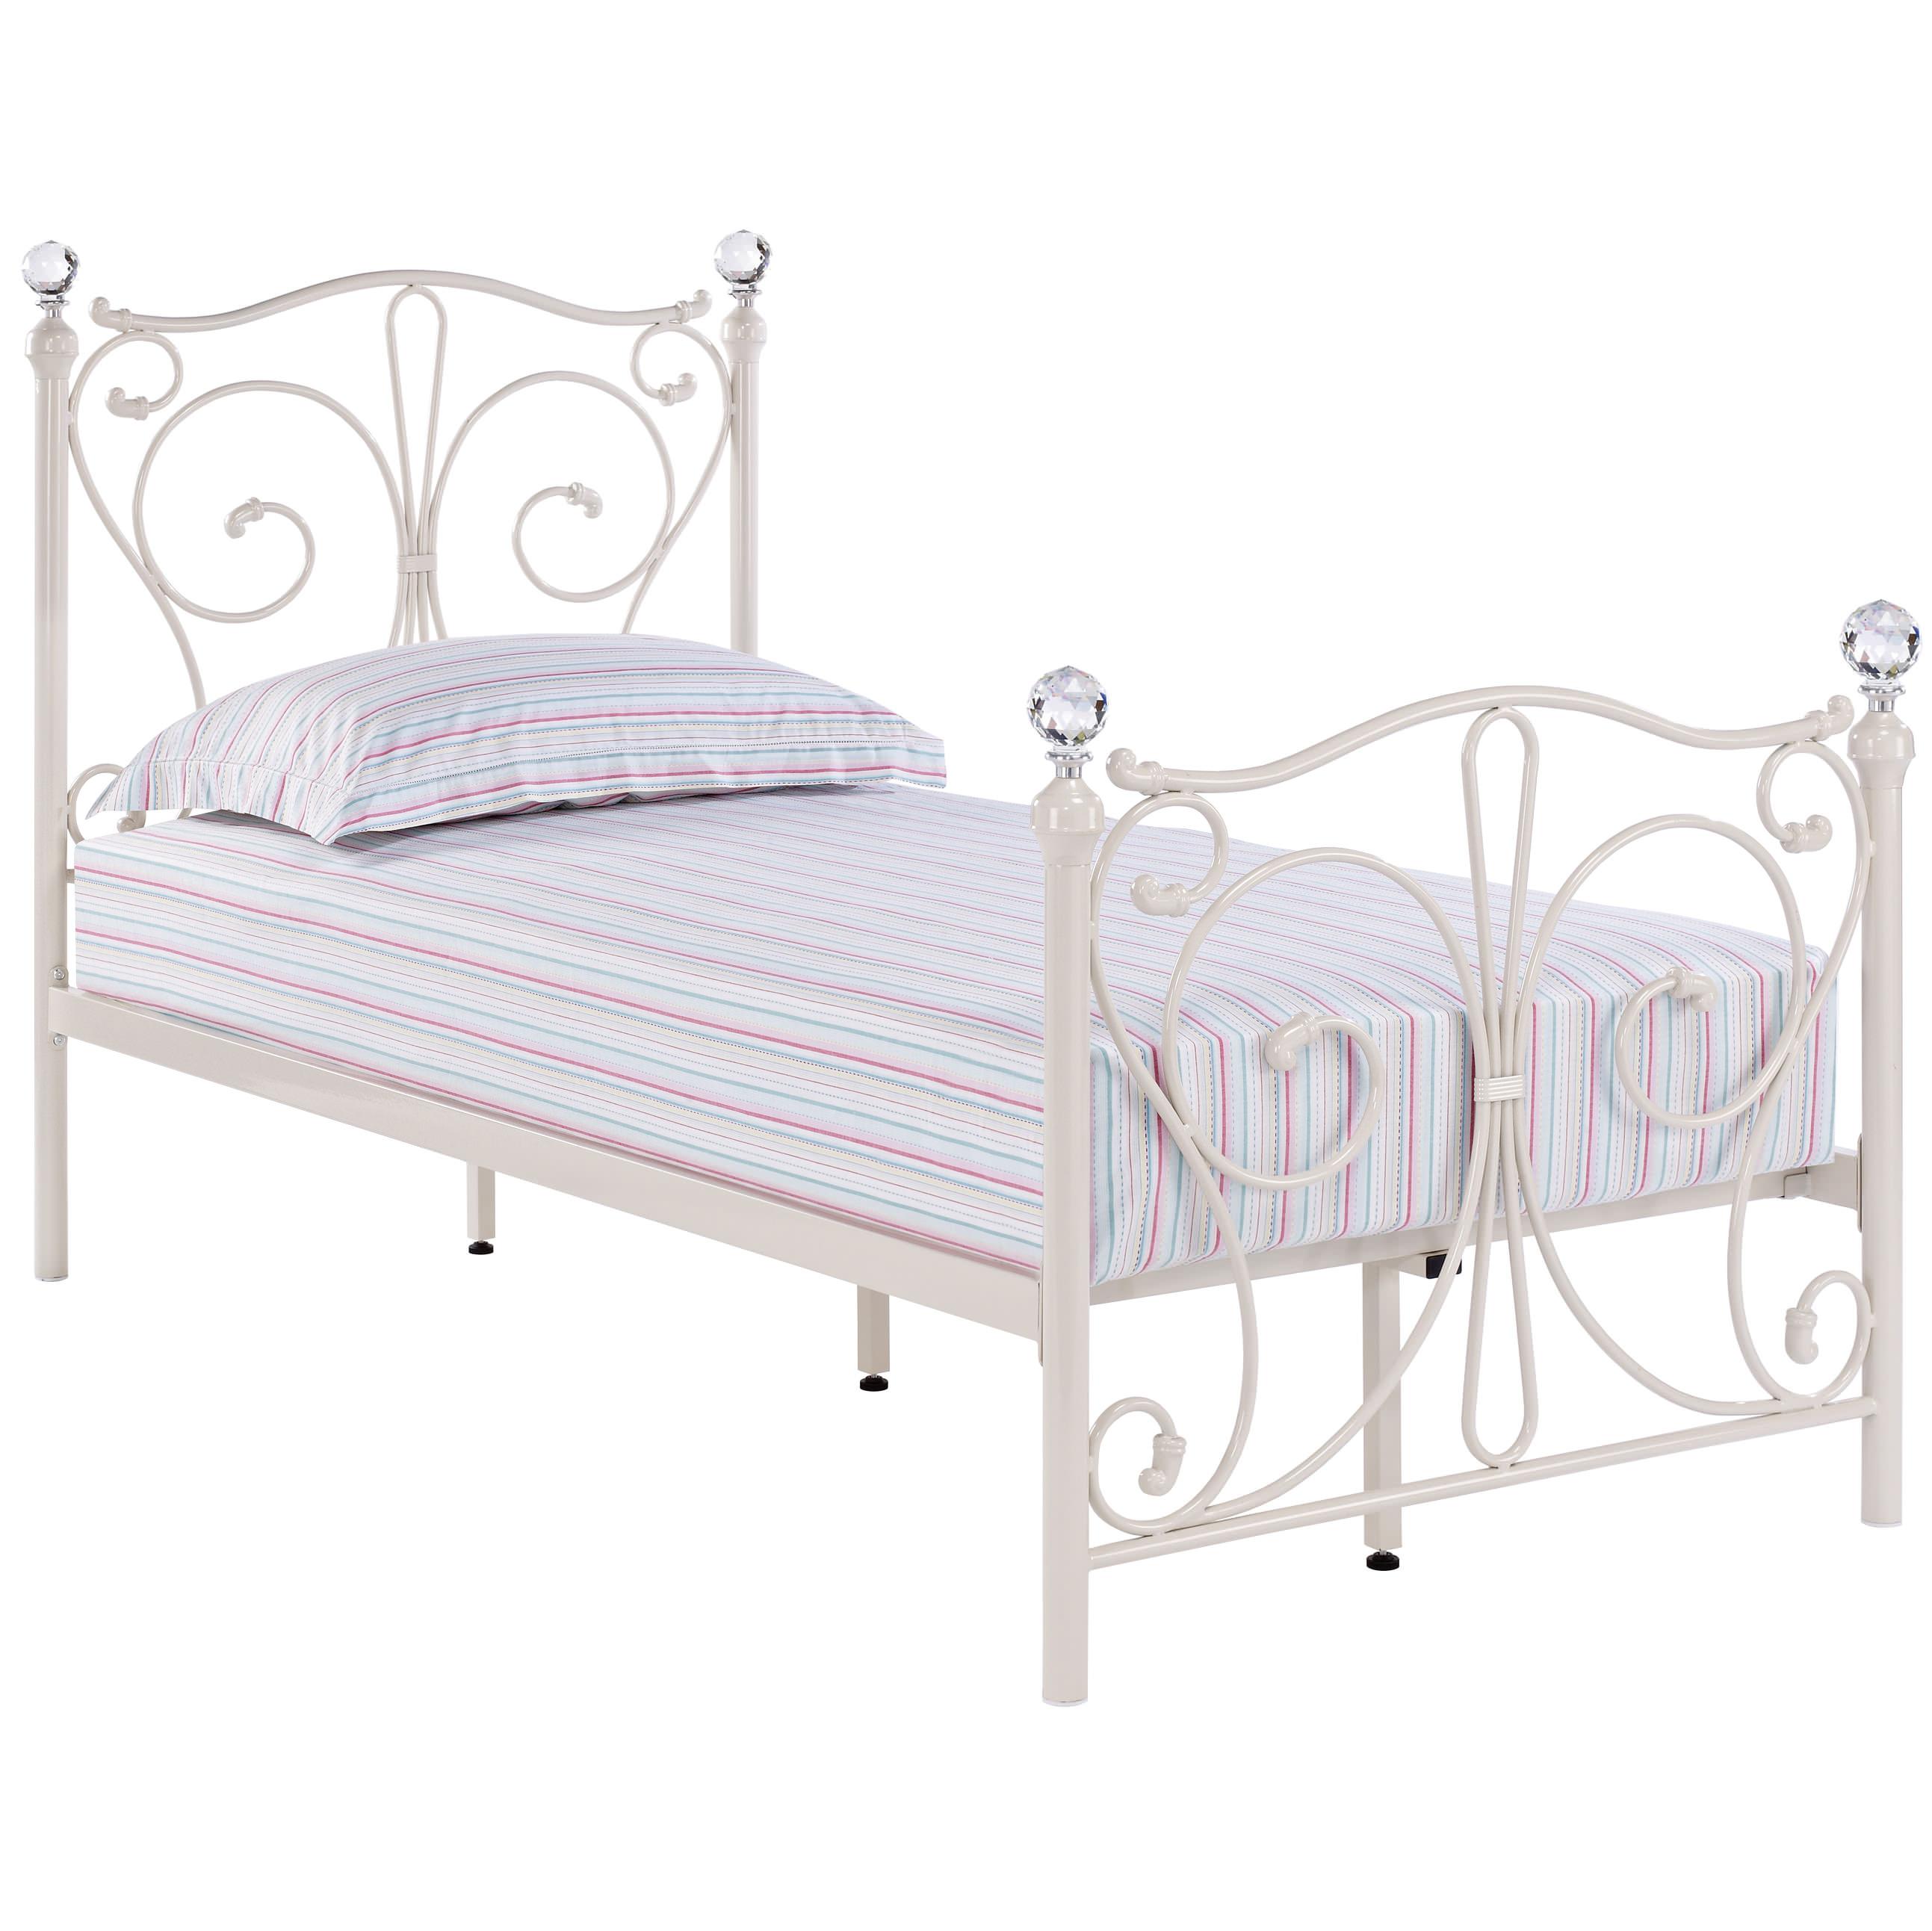 Metal Bed Frame Bedstead Single Double Kingsize 3ft 4ft6